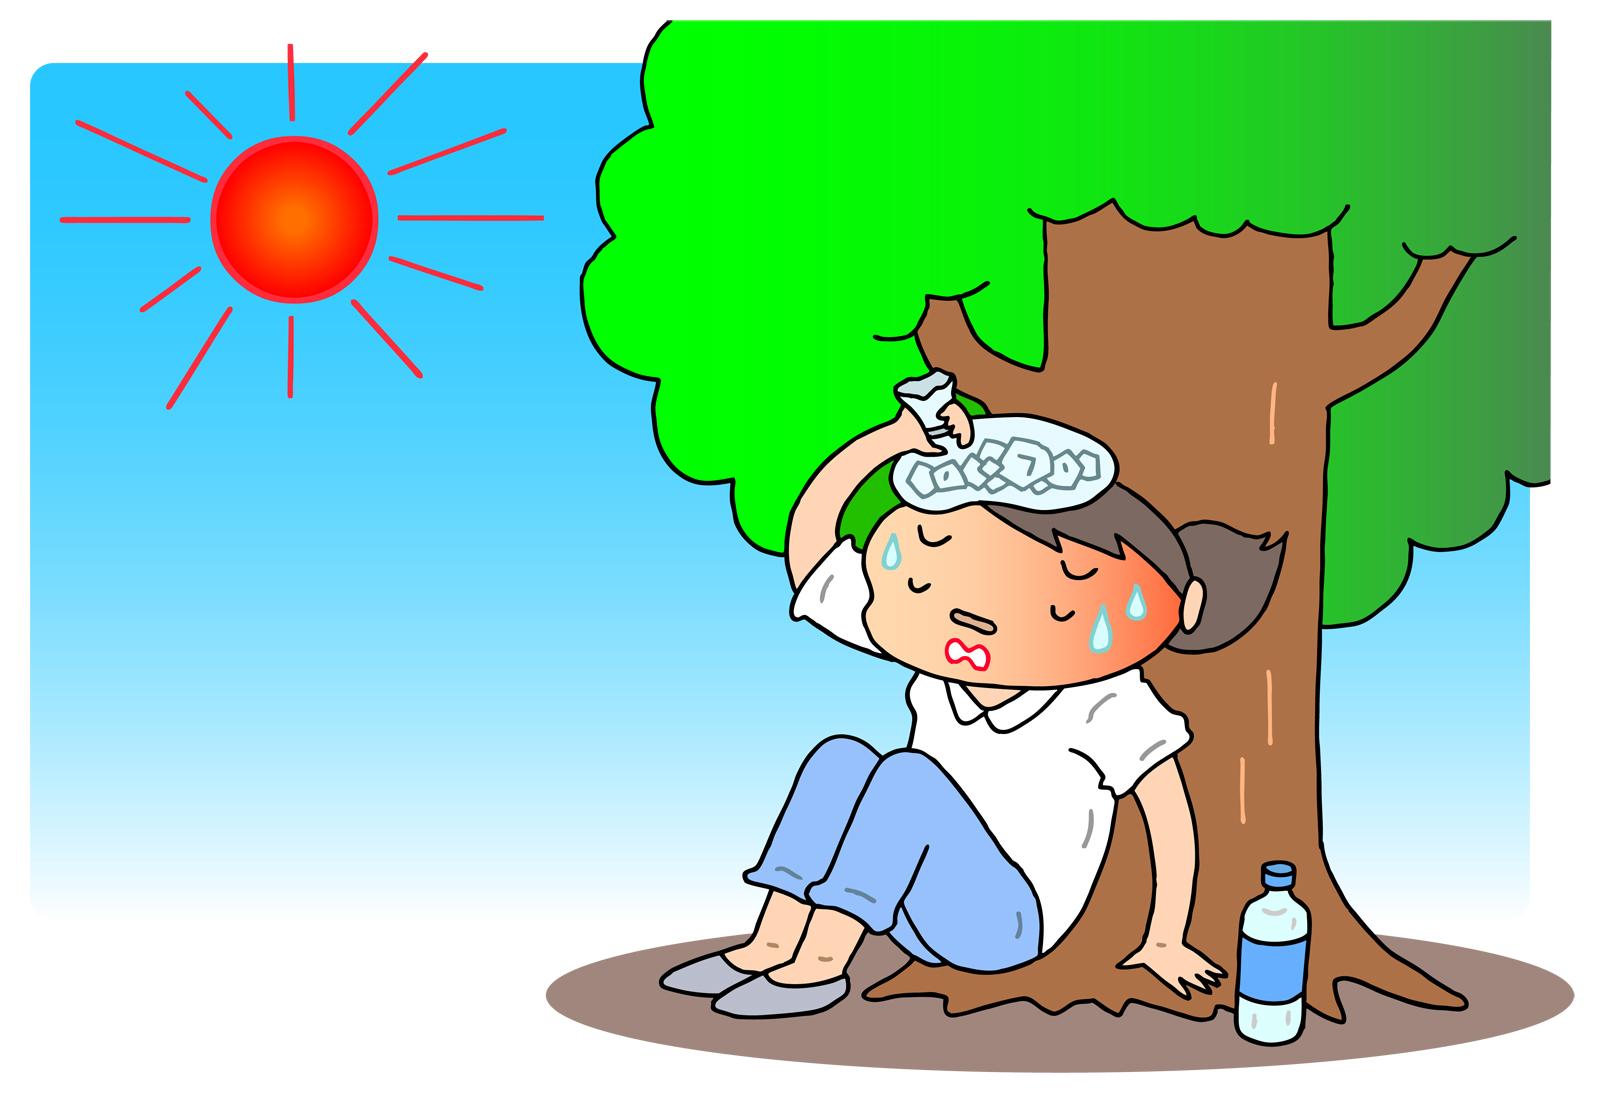 熱中症はその症状で段階がわかれます|対応はどうすればいいの?